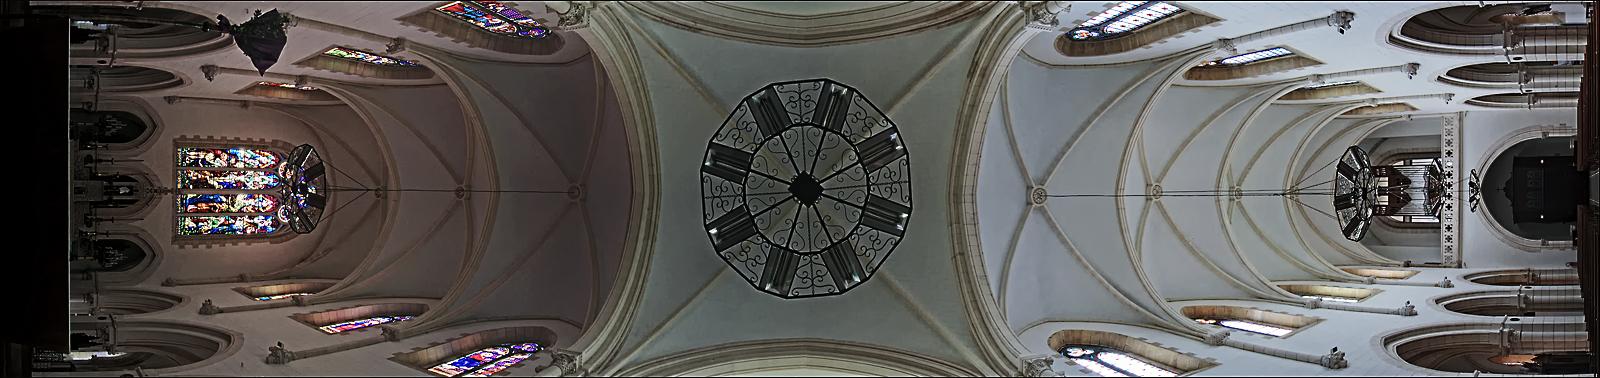 St Germain Panoramic